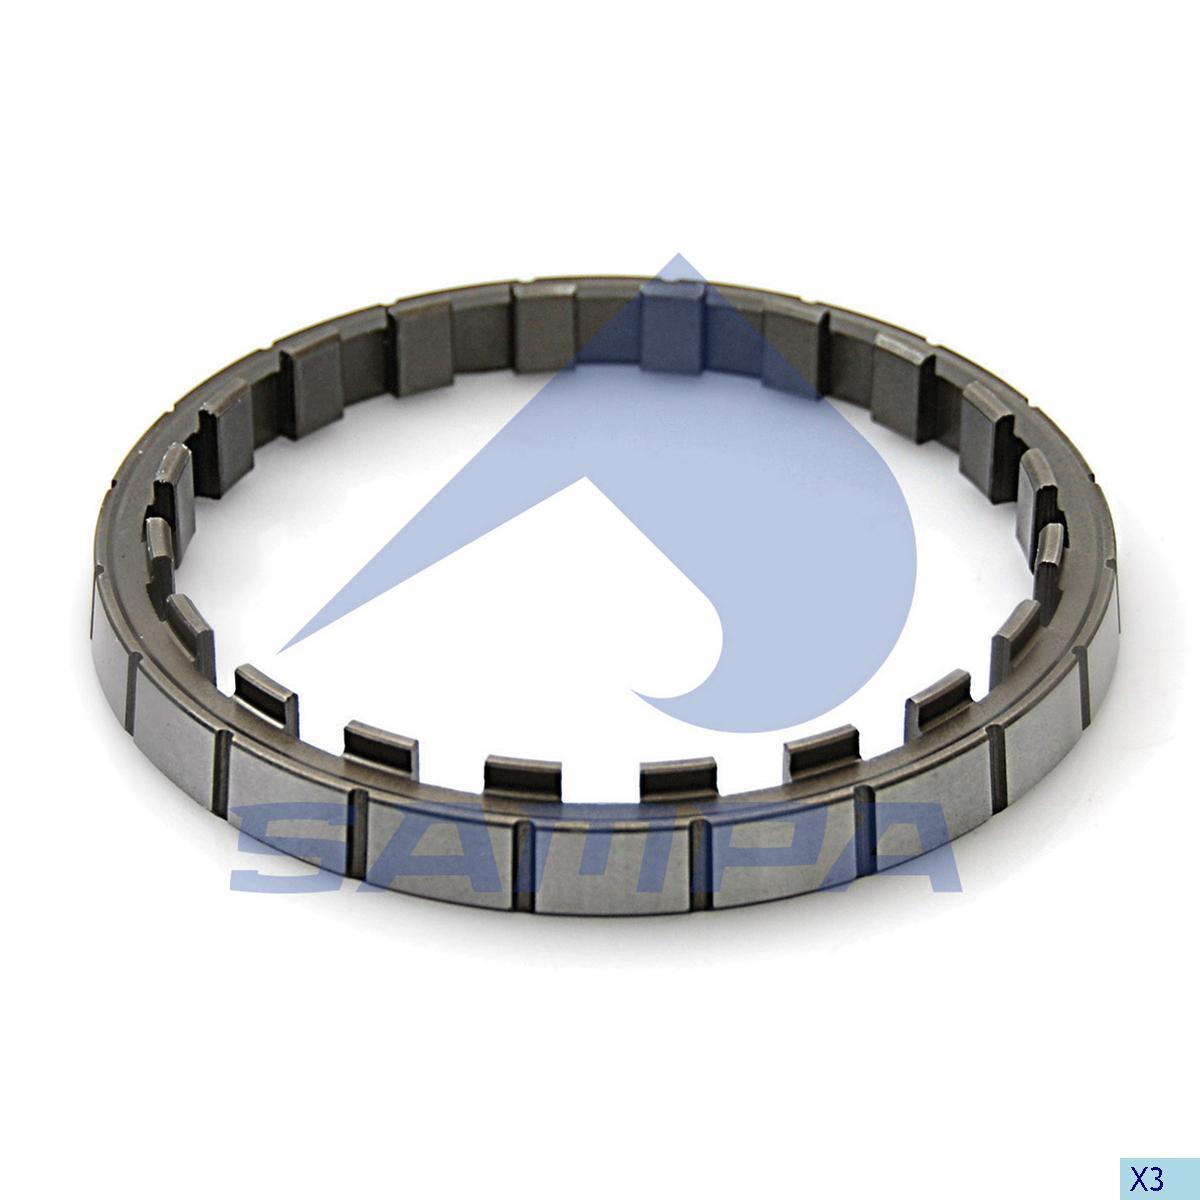 Synchronizing Ring, Main Shaft, Scania, Gear Box